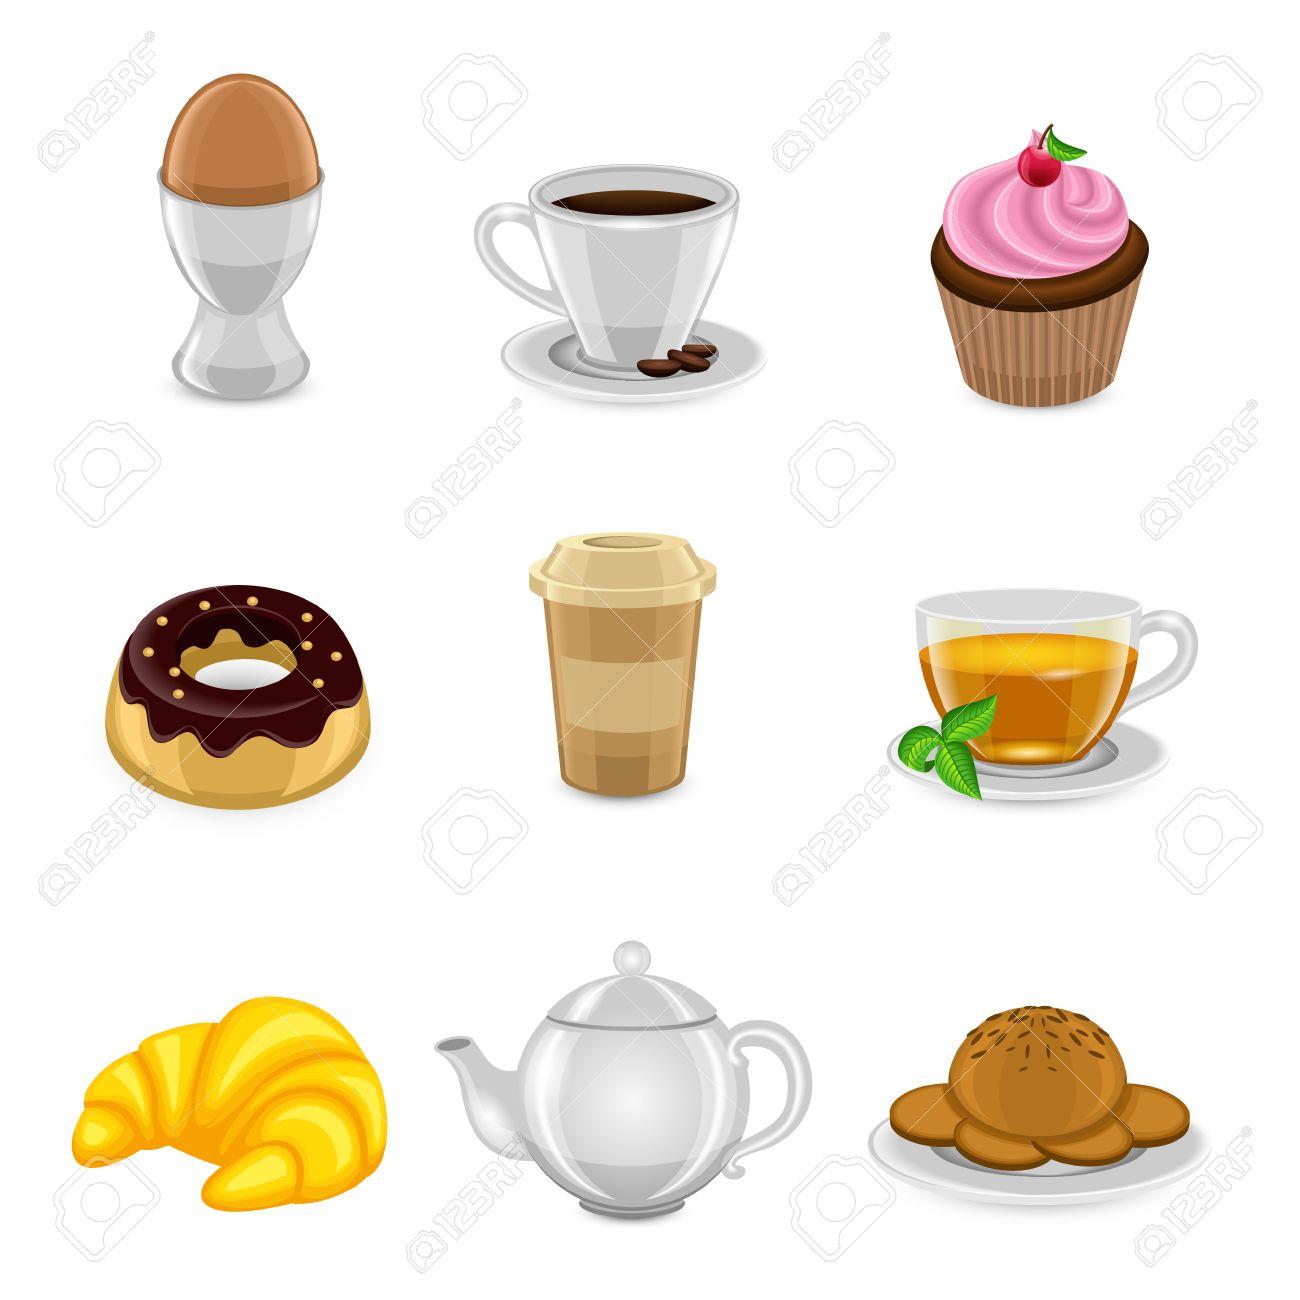 Fruhstuck Essen Und Trinken Symbol Mit Ei Kaffee Tasse Kuchen Und